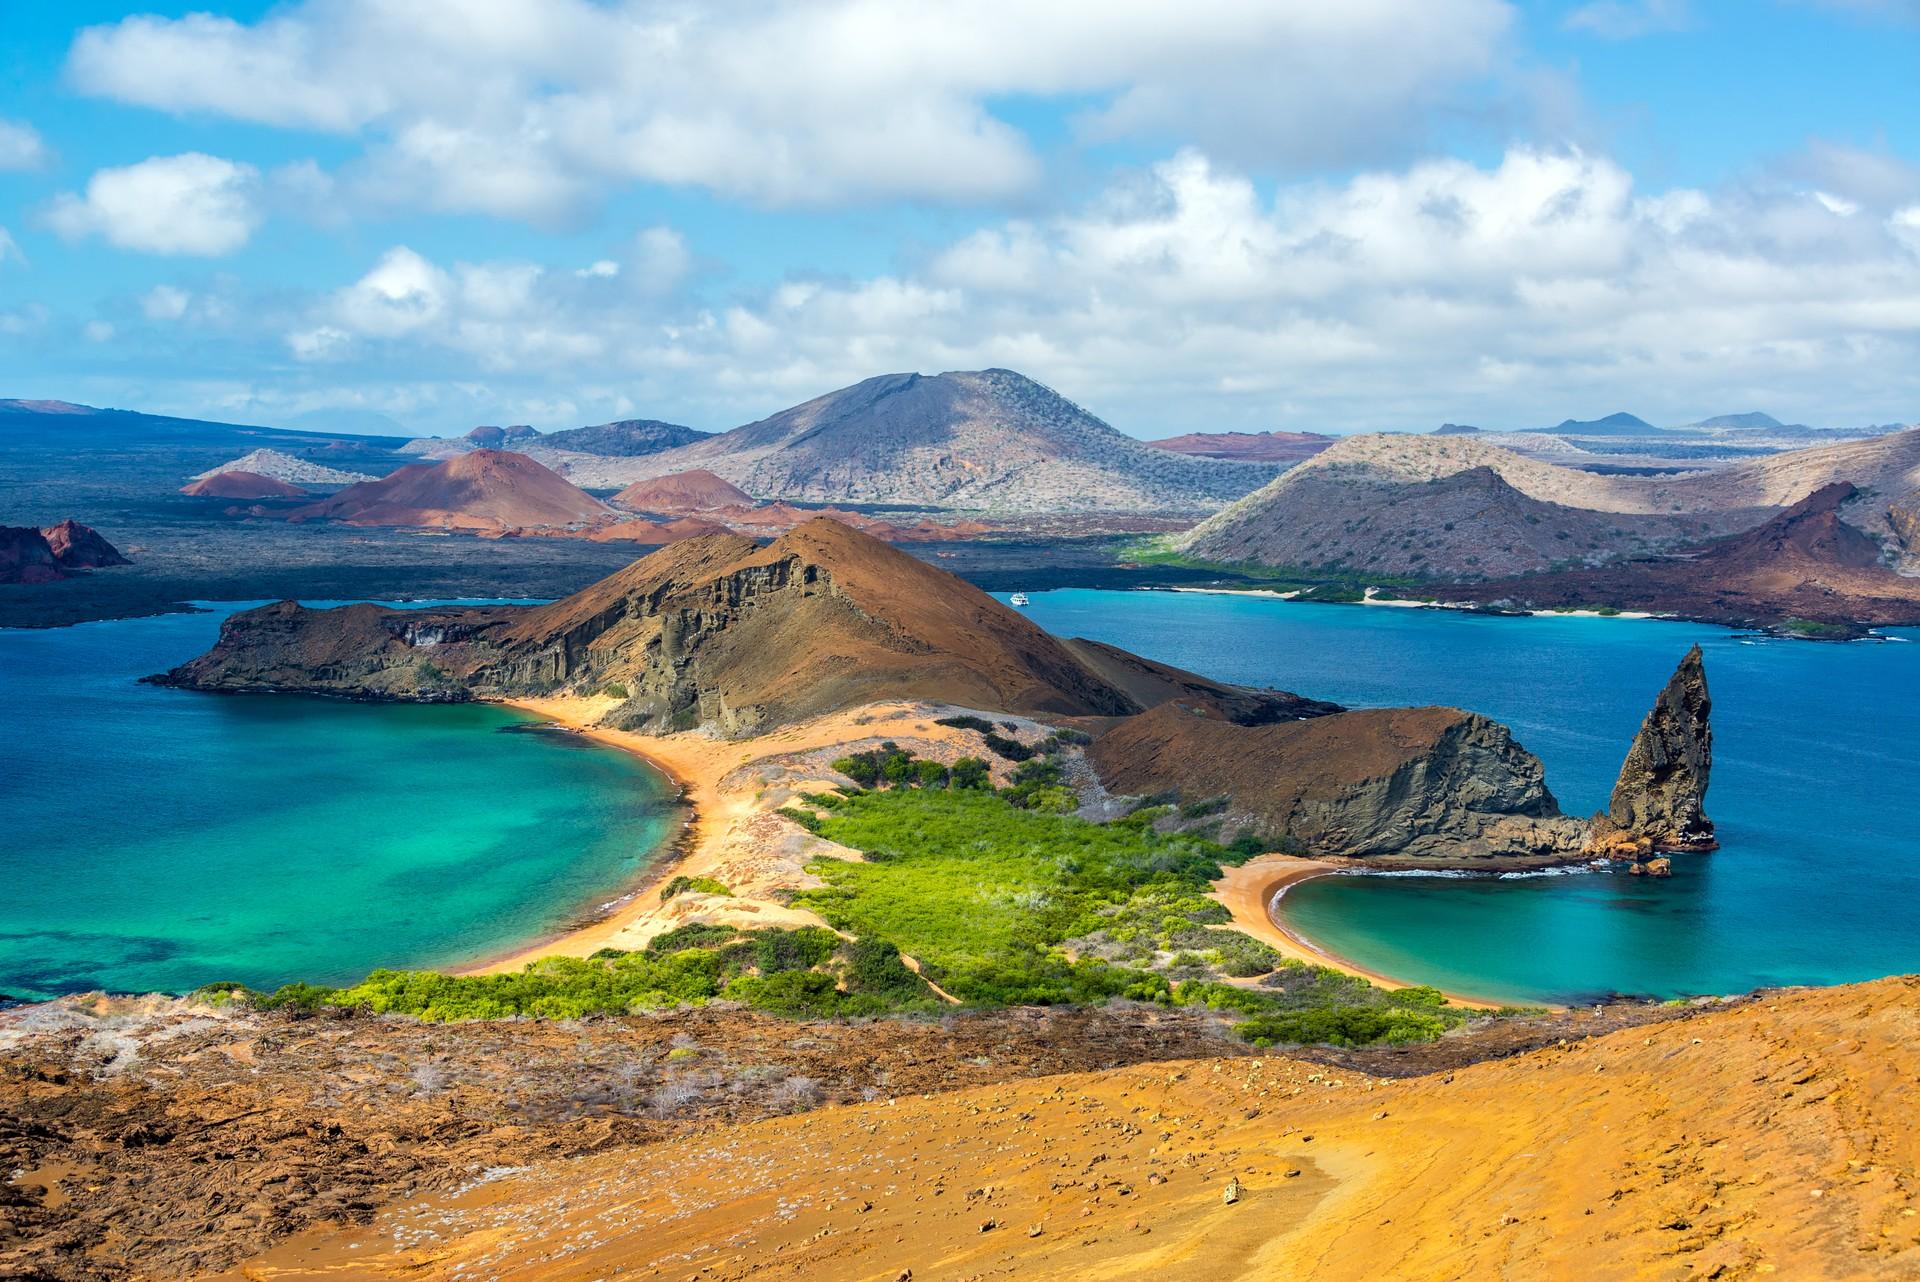 The Galapagos Islands of Ecuador